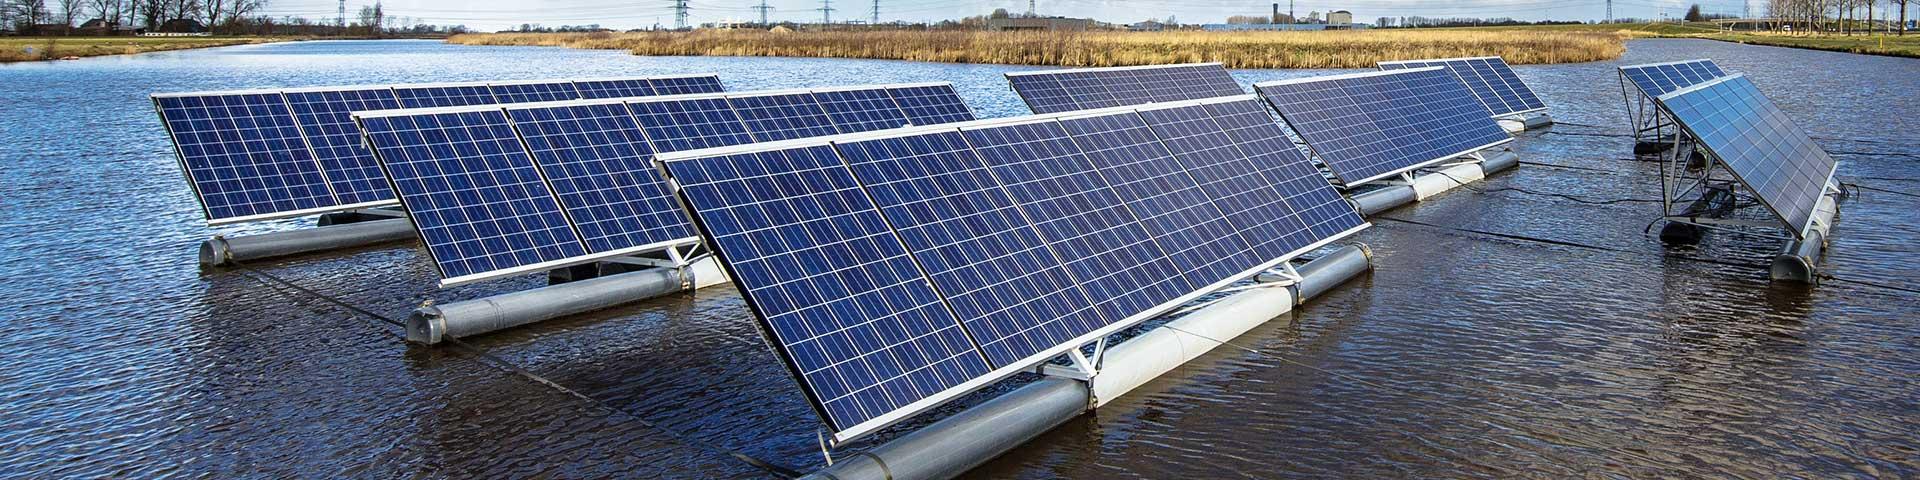 panele fotowoltaiczne umieszczone na wodzie